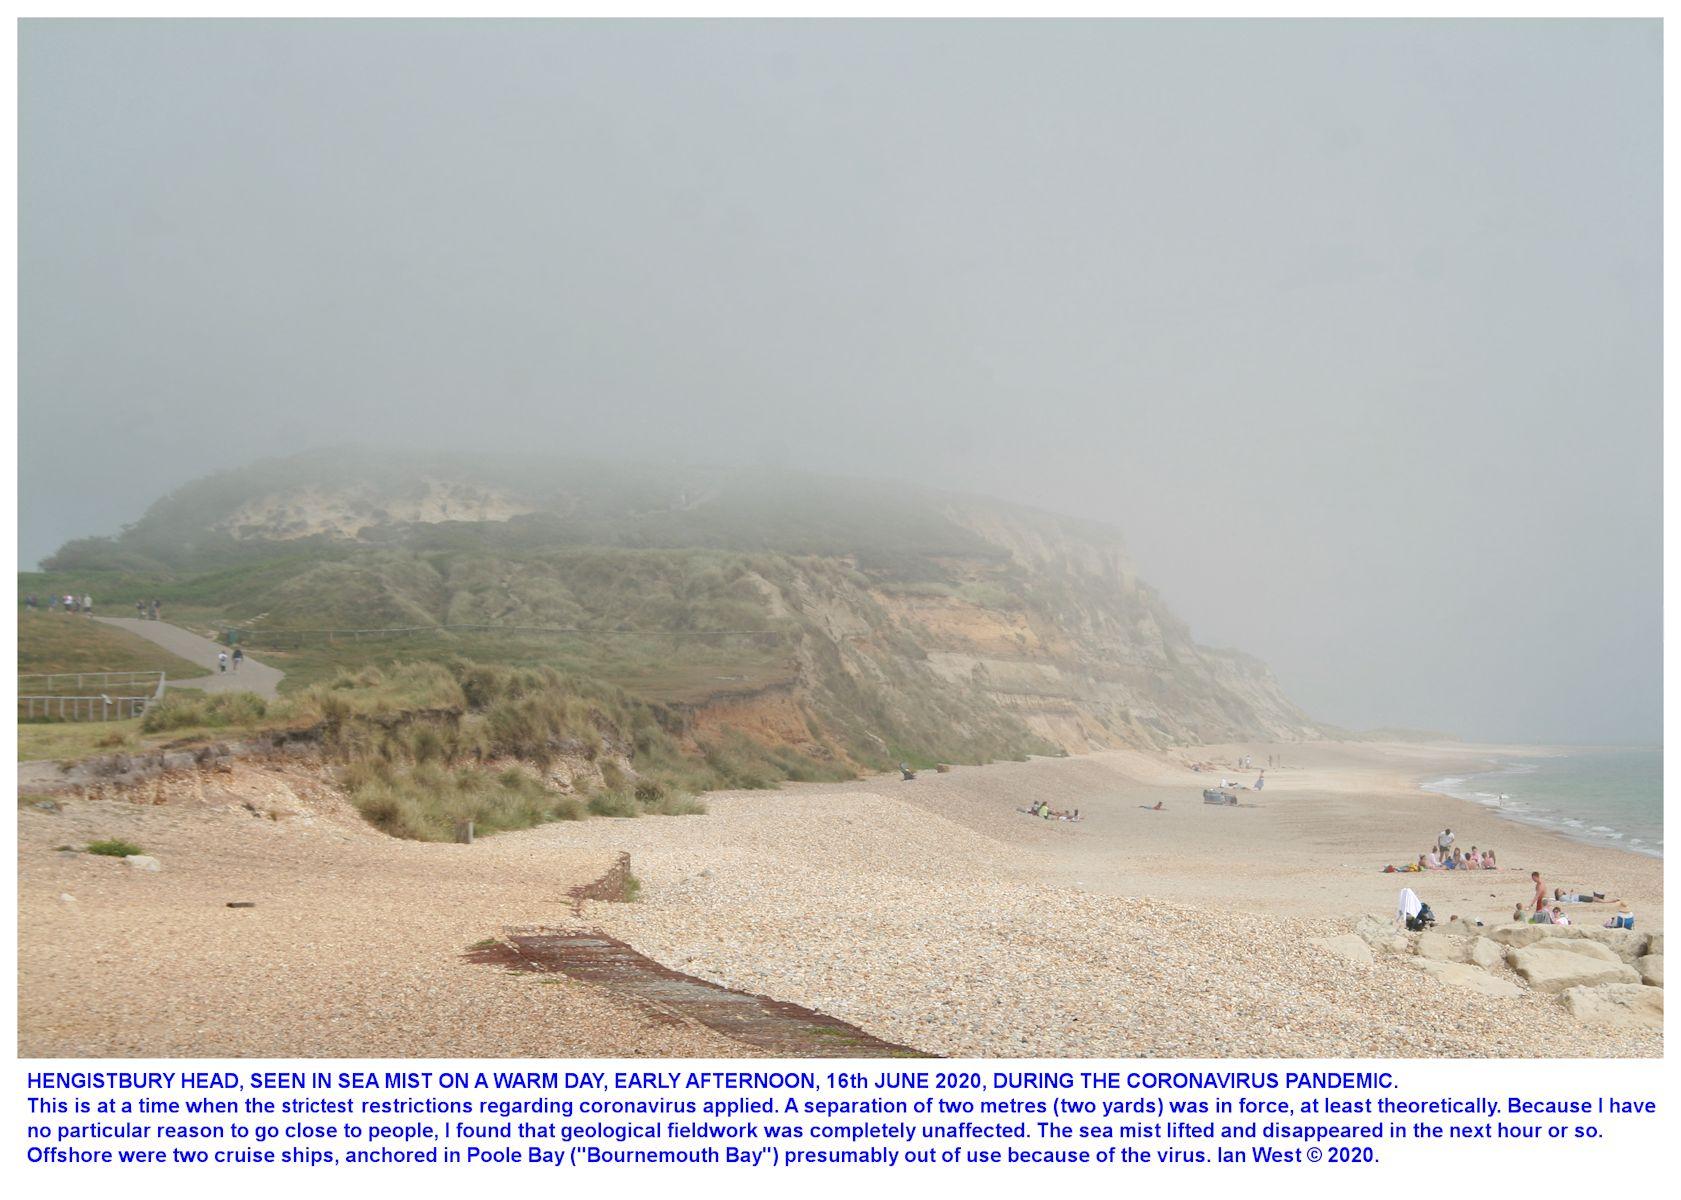 Hengistbury Head in sea-mist on a hot summer day, June 2020, during the coronavirus epidemic